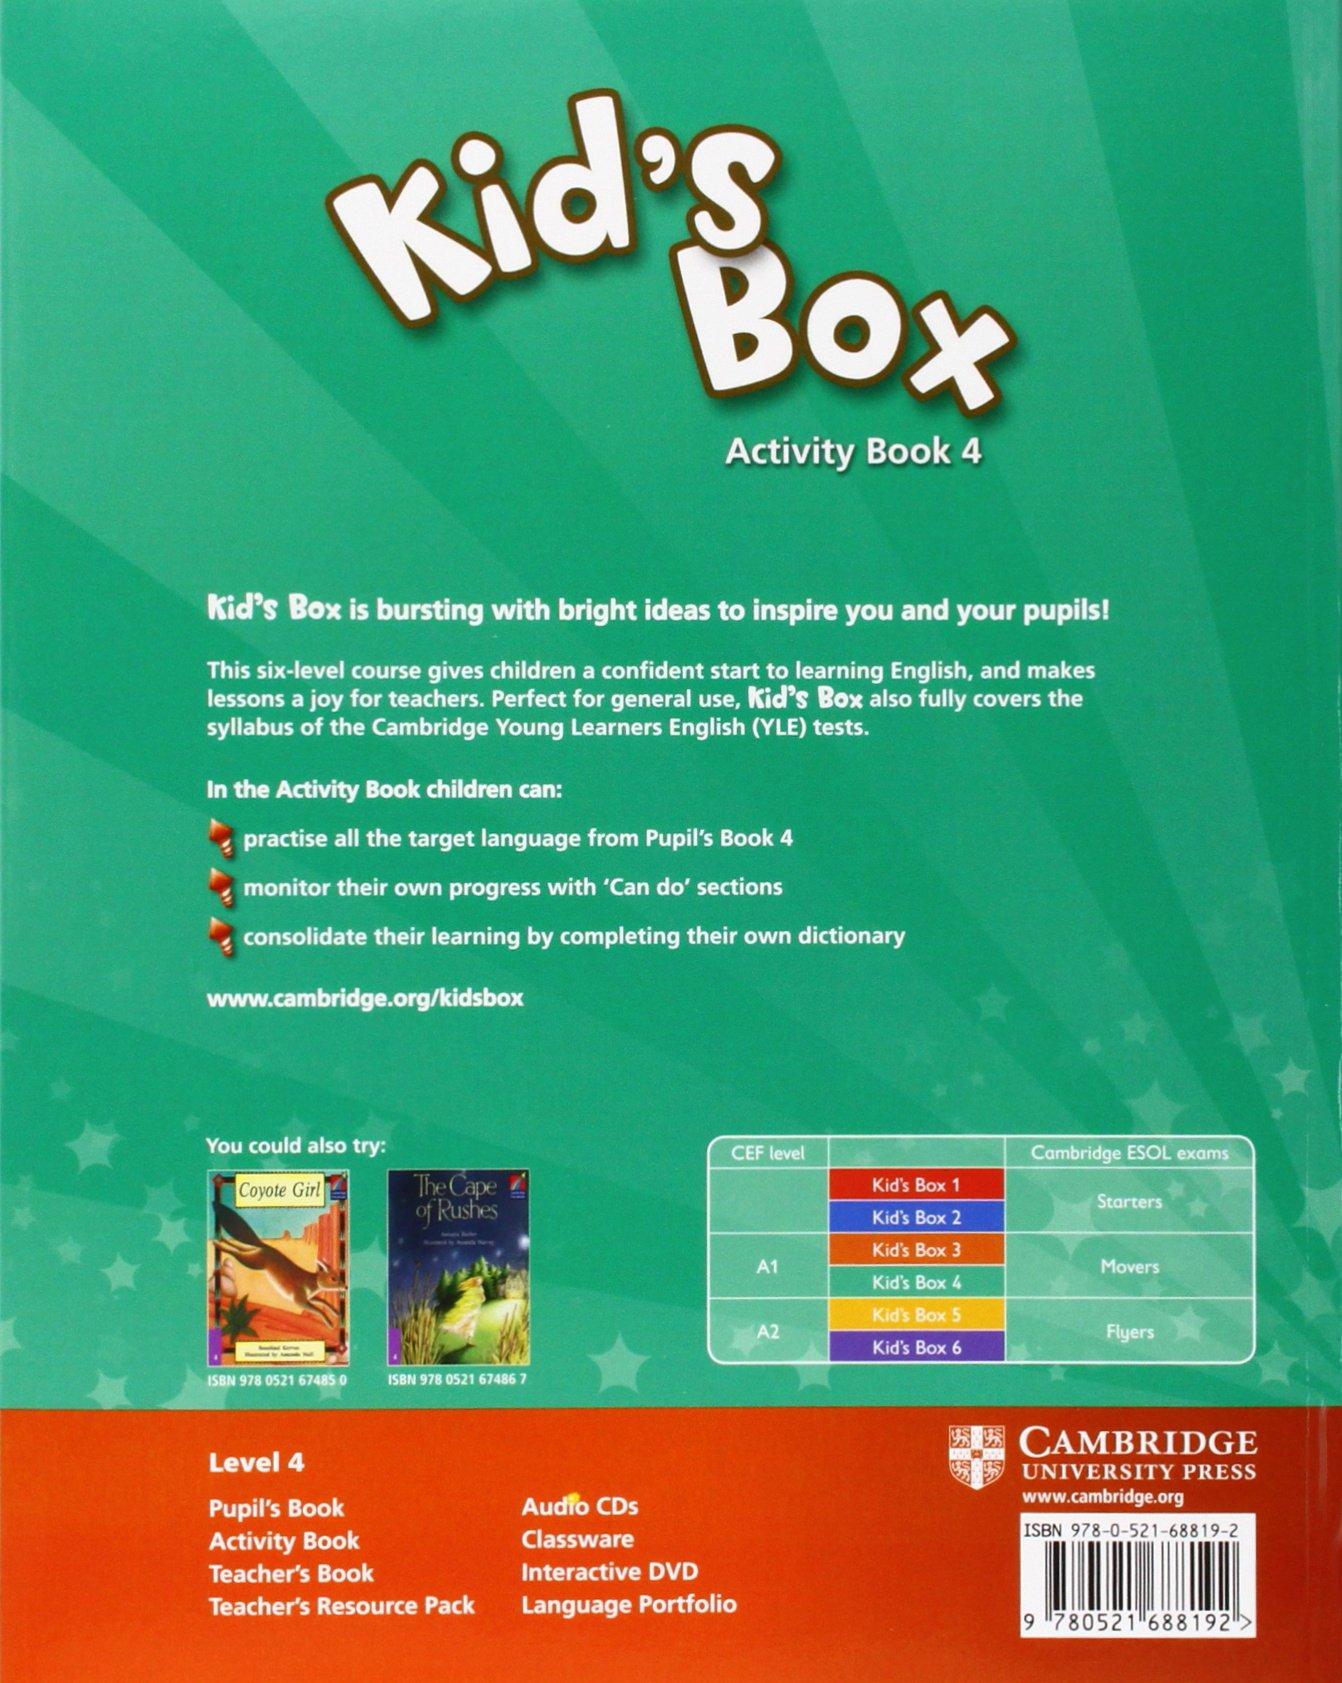 Kid's Box 4 Activity Book: Level 4 - 9780521688192: Amazon.es: Caroline  Nixon, Michael Tomlinson: Libros en idiomas extranjeros